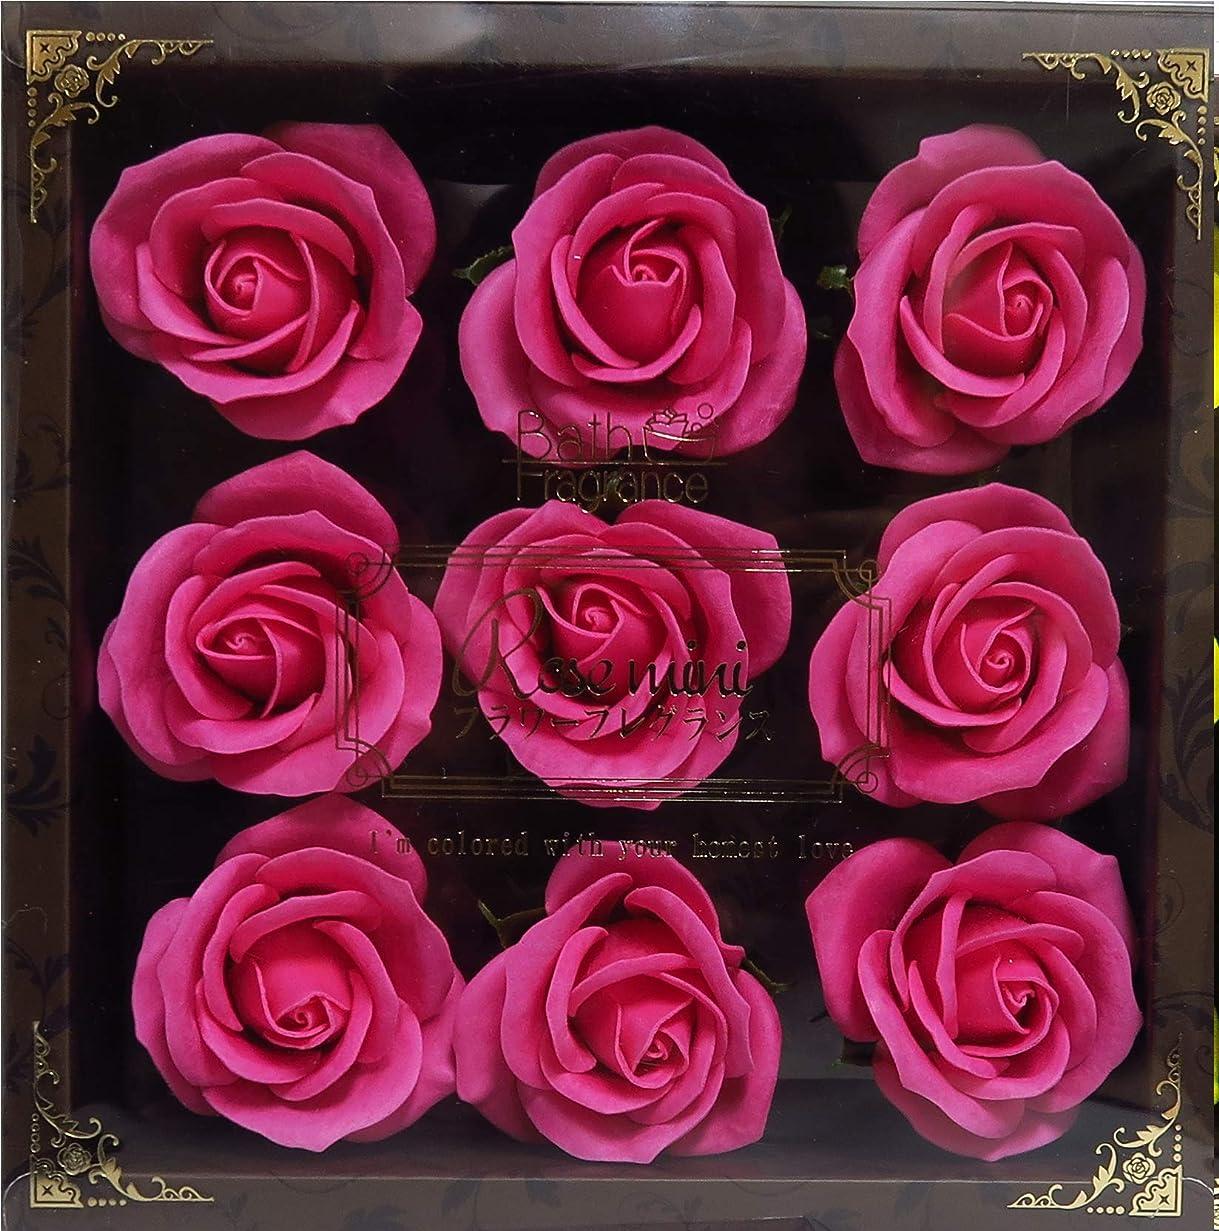 先住民実証する減衰バスフレグランス バスフラワー ミニローズフレグランス(L)ローズピンク お花の形の入浴剤